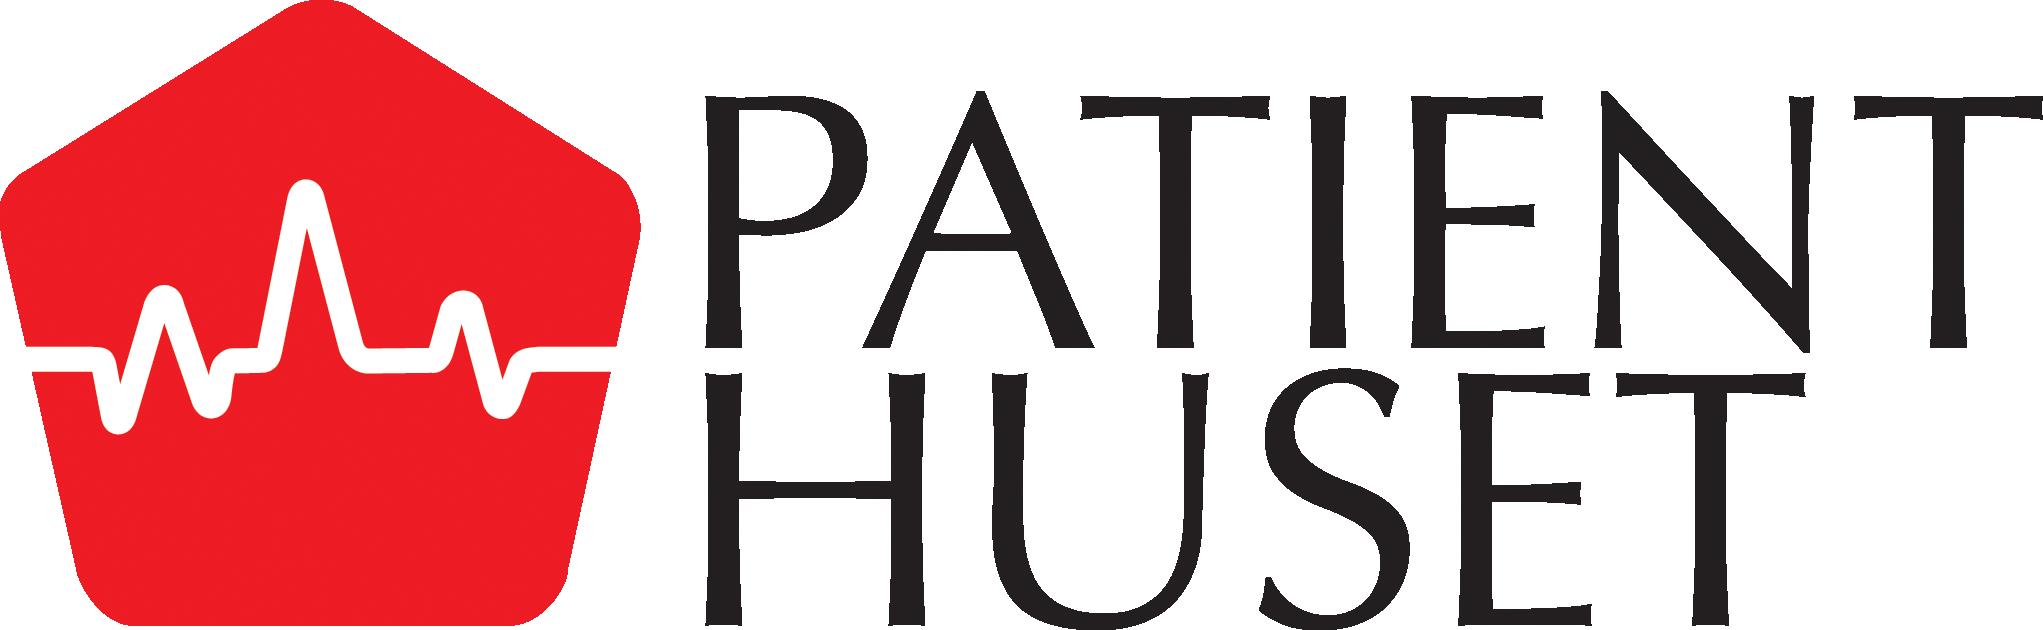 Patienthuset-logo